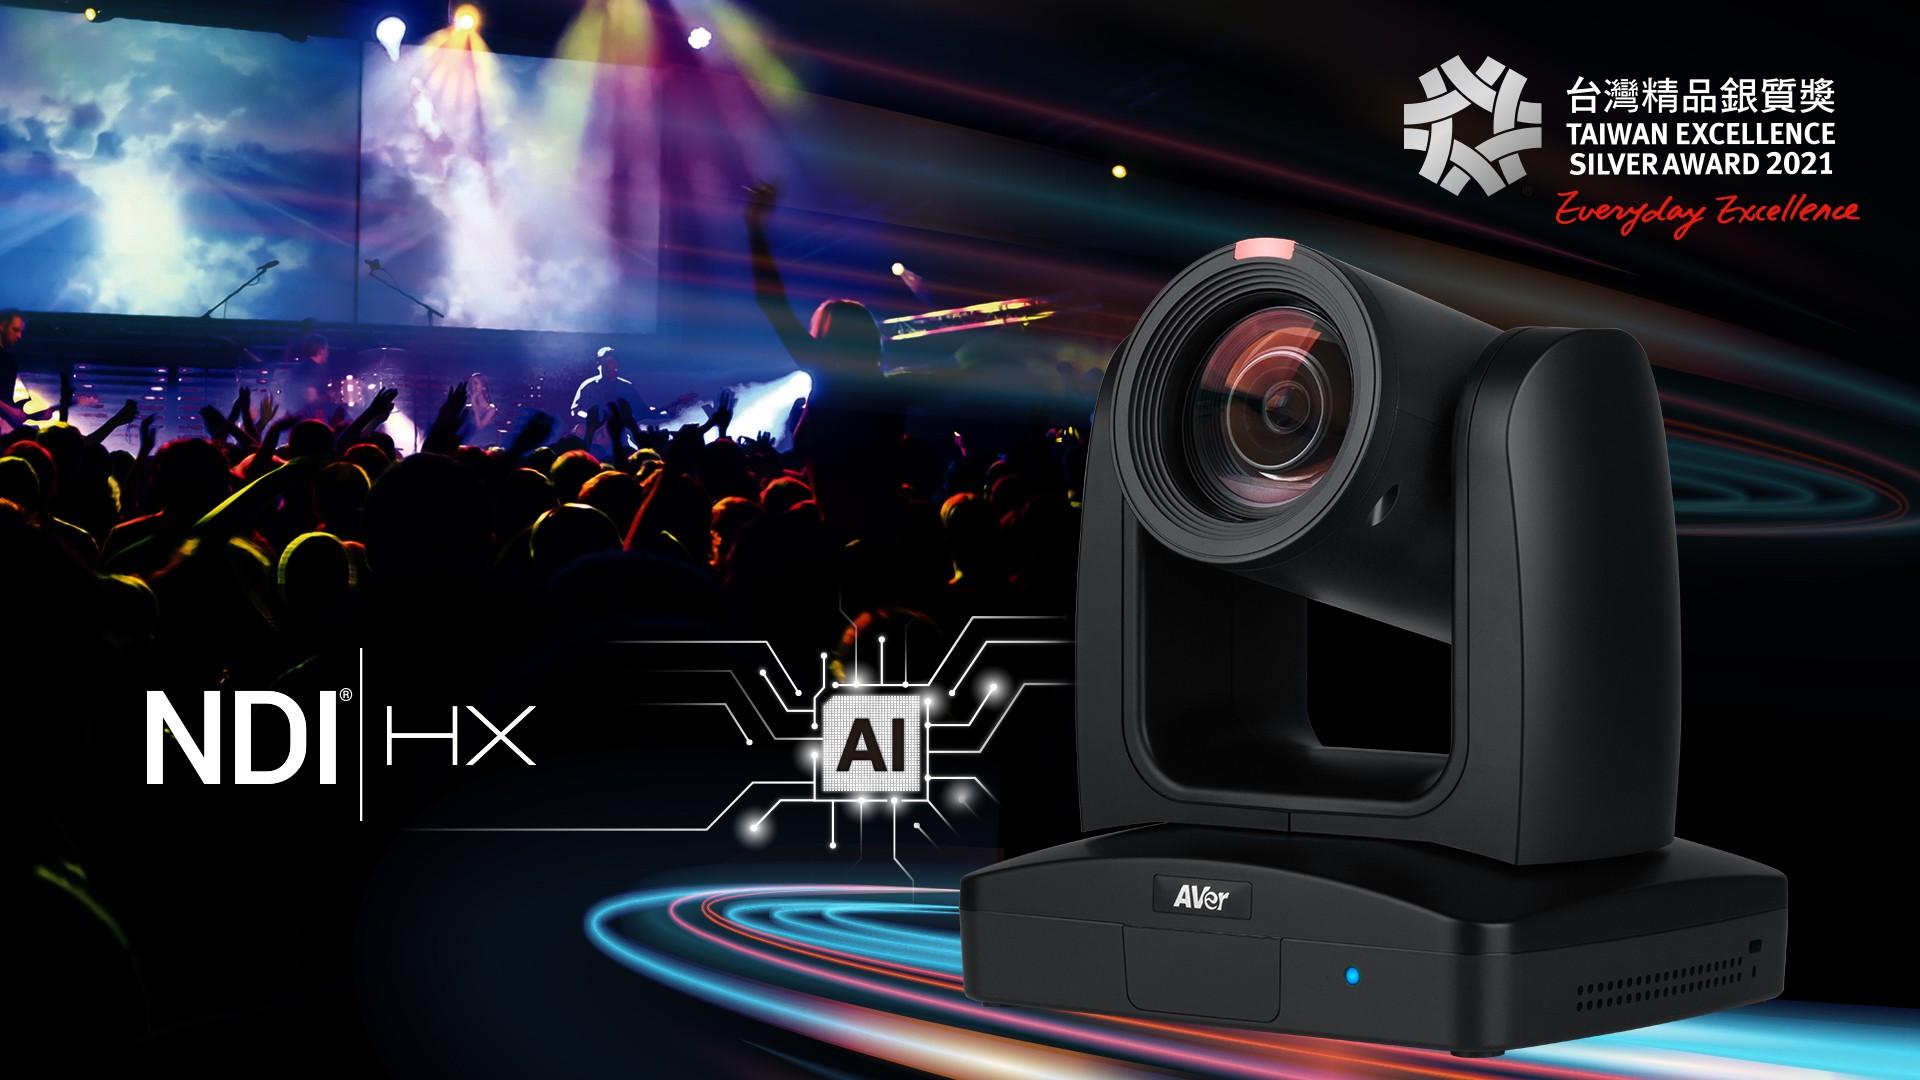 AI 自動追蹤 PTZ 攝影機 / 圓展科技股份有限公司